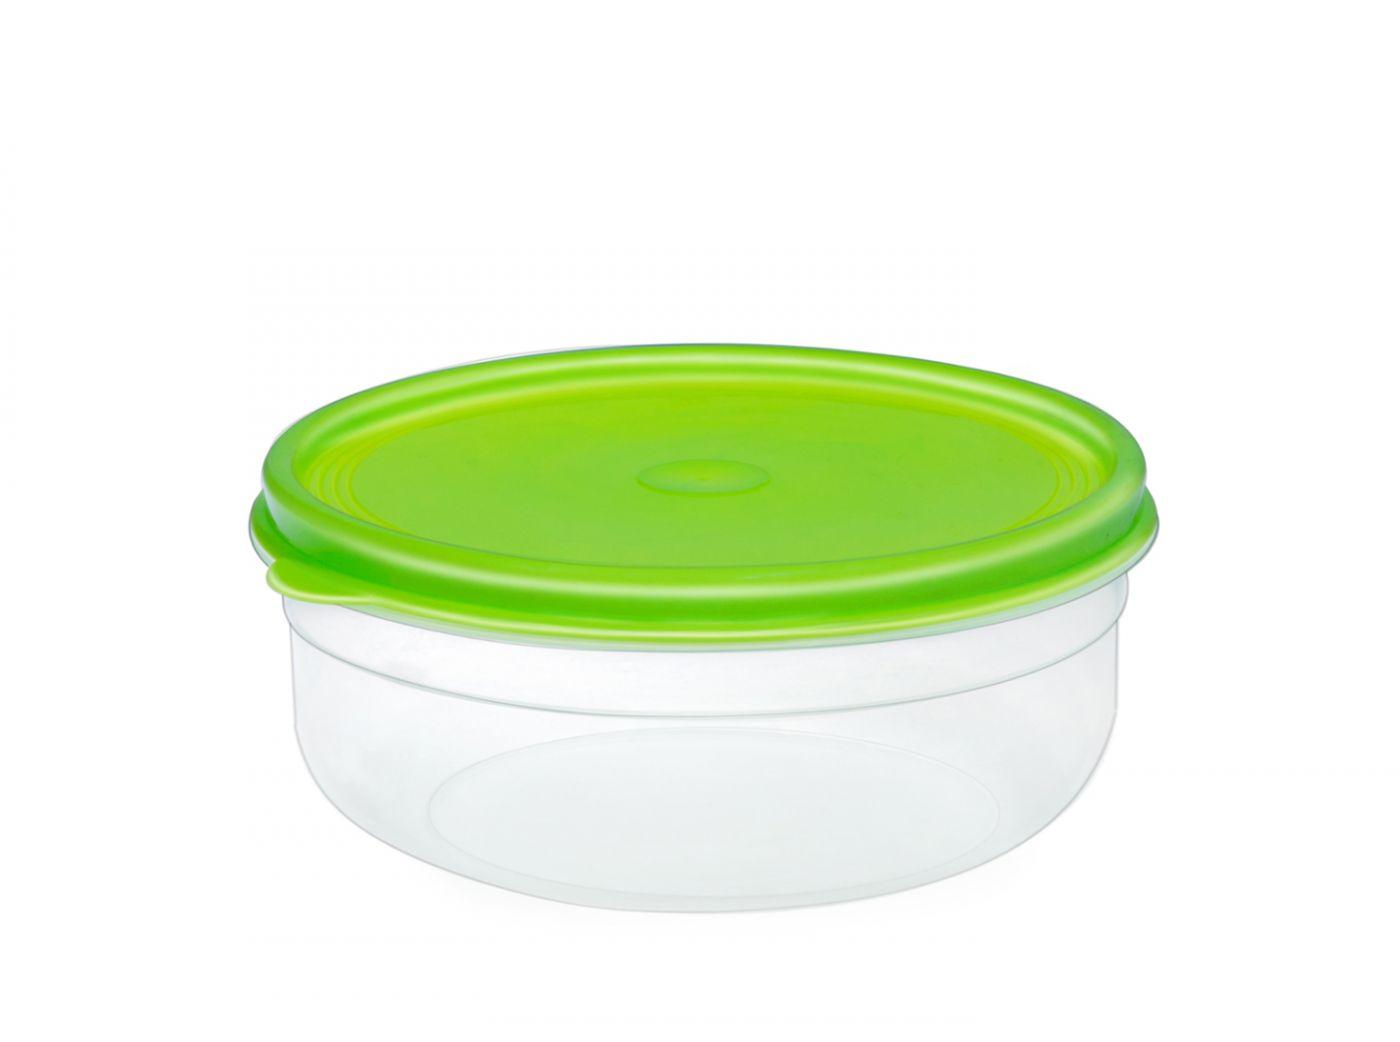 Бутербродница круглая 1,7 литра Эльфпласт контейнер для хранения еды с крышкой 19,5 см